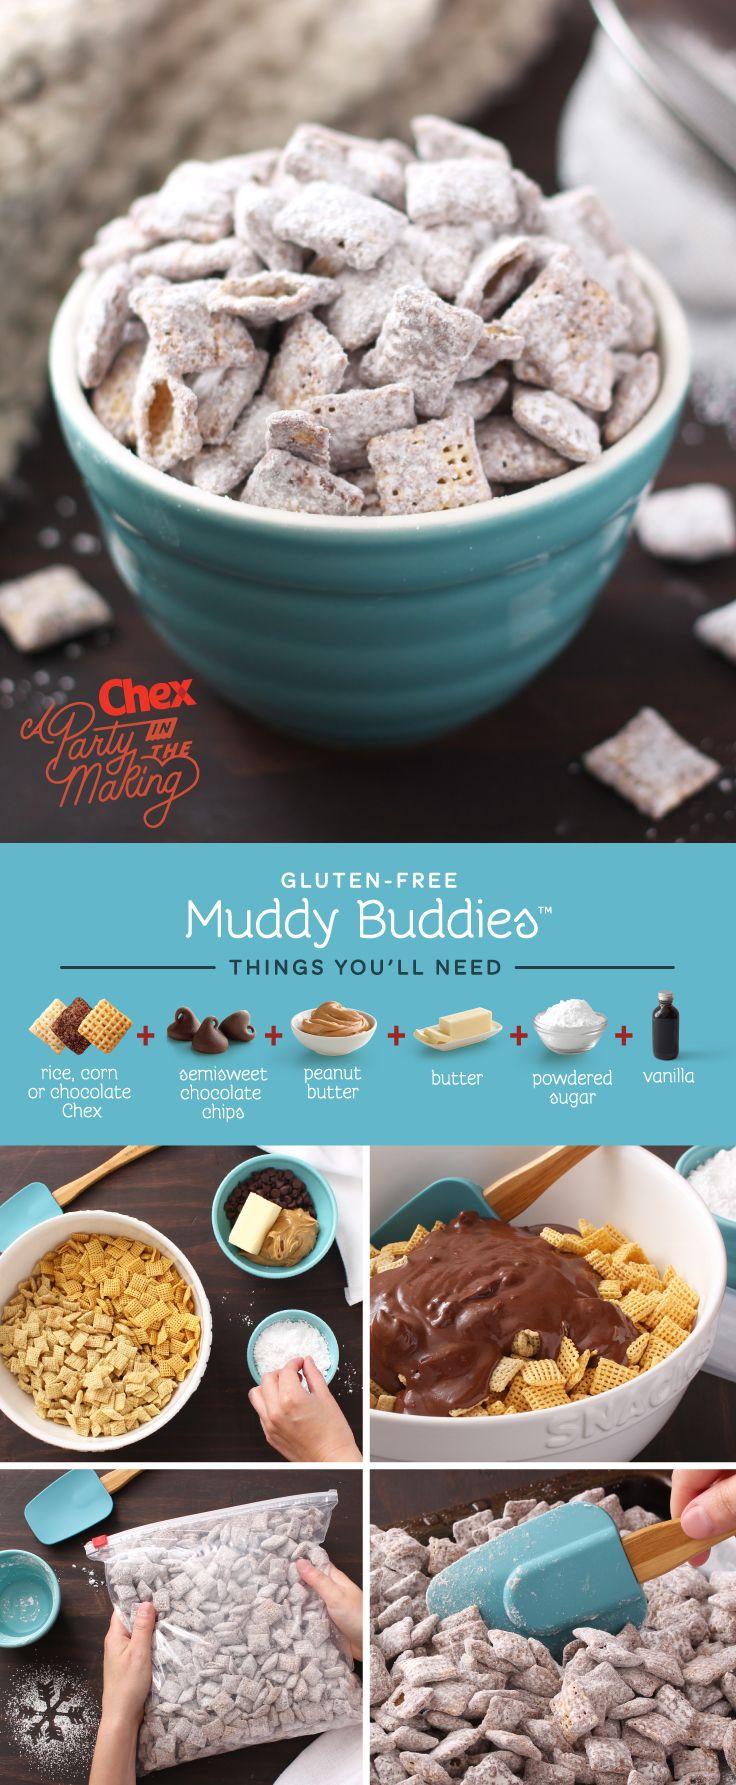 Chex Muddy Buddies Recipe Chex Recipes Chex Com Delicious Desserts Chex Mix Recipes Food